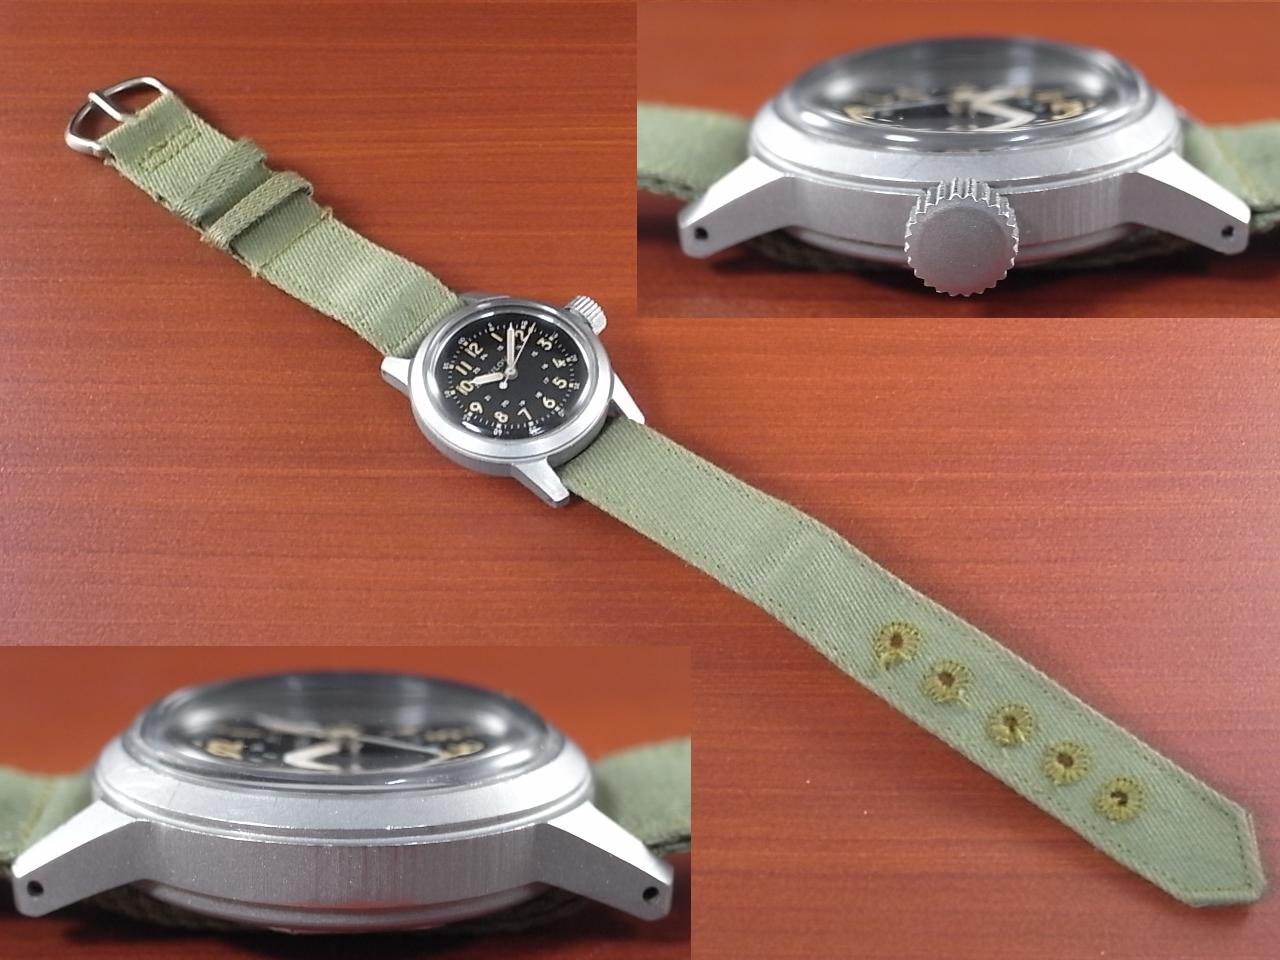 ブローバ ミリタリー アメリカ軍用時計 Type A17A 1950年代の写真3枚目